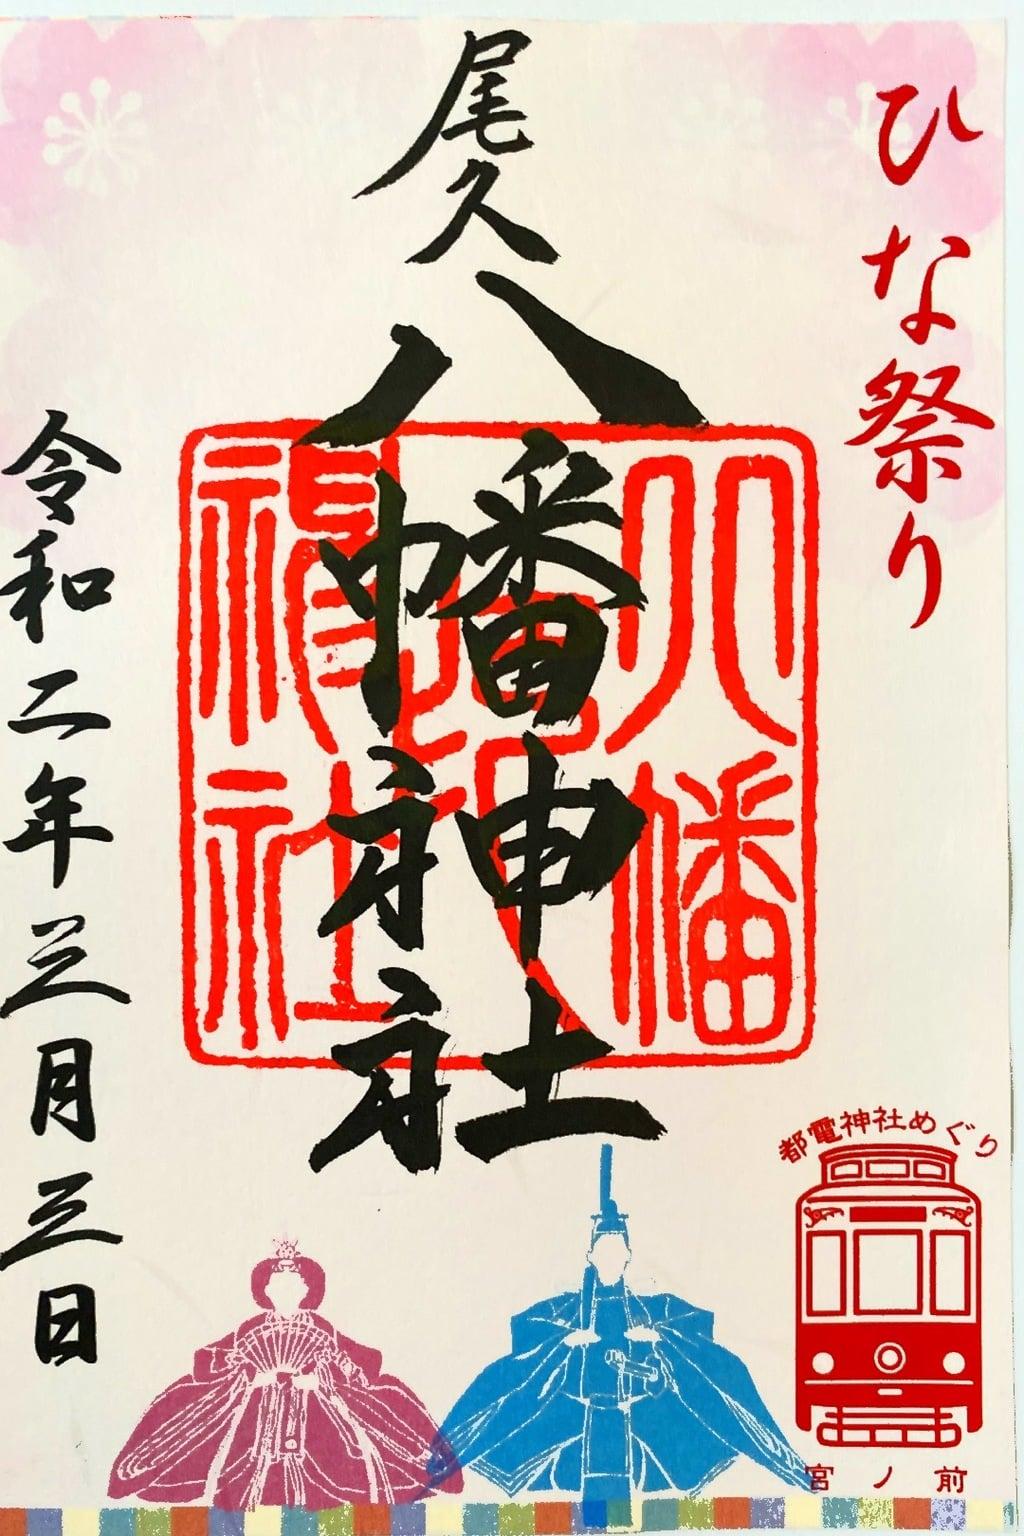 尾久八幡神社の御朱印